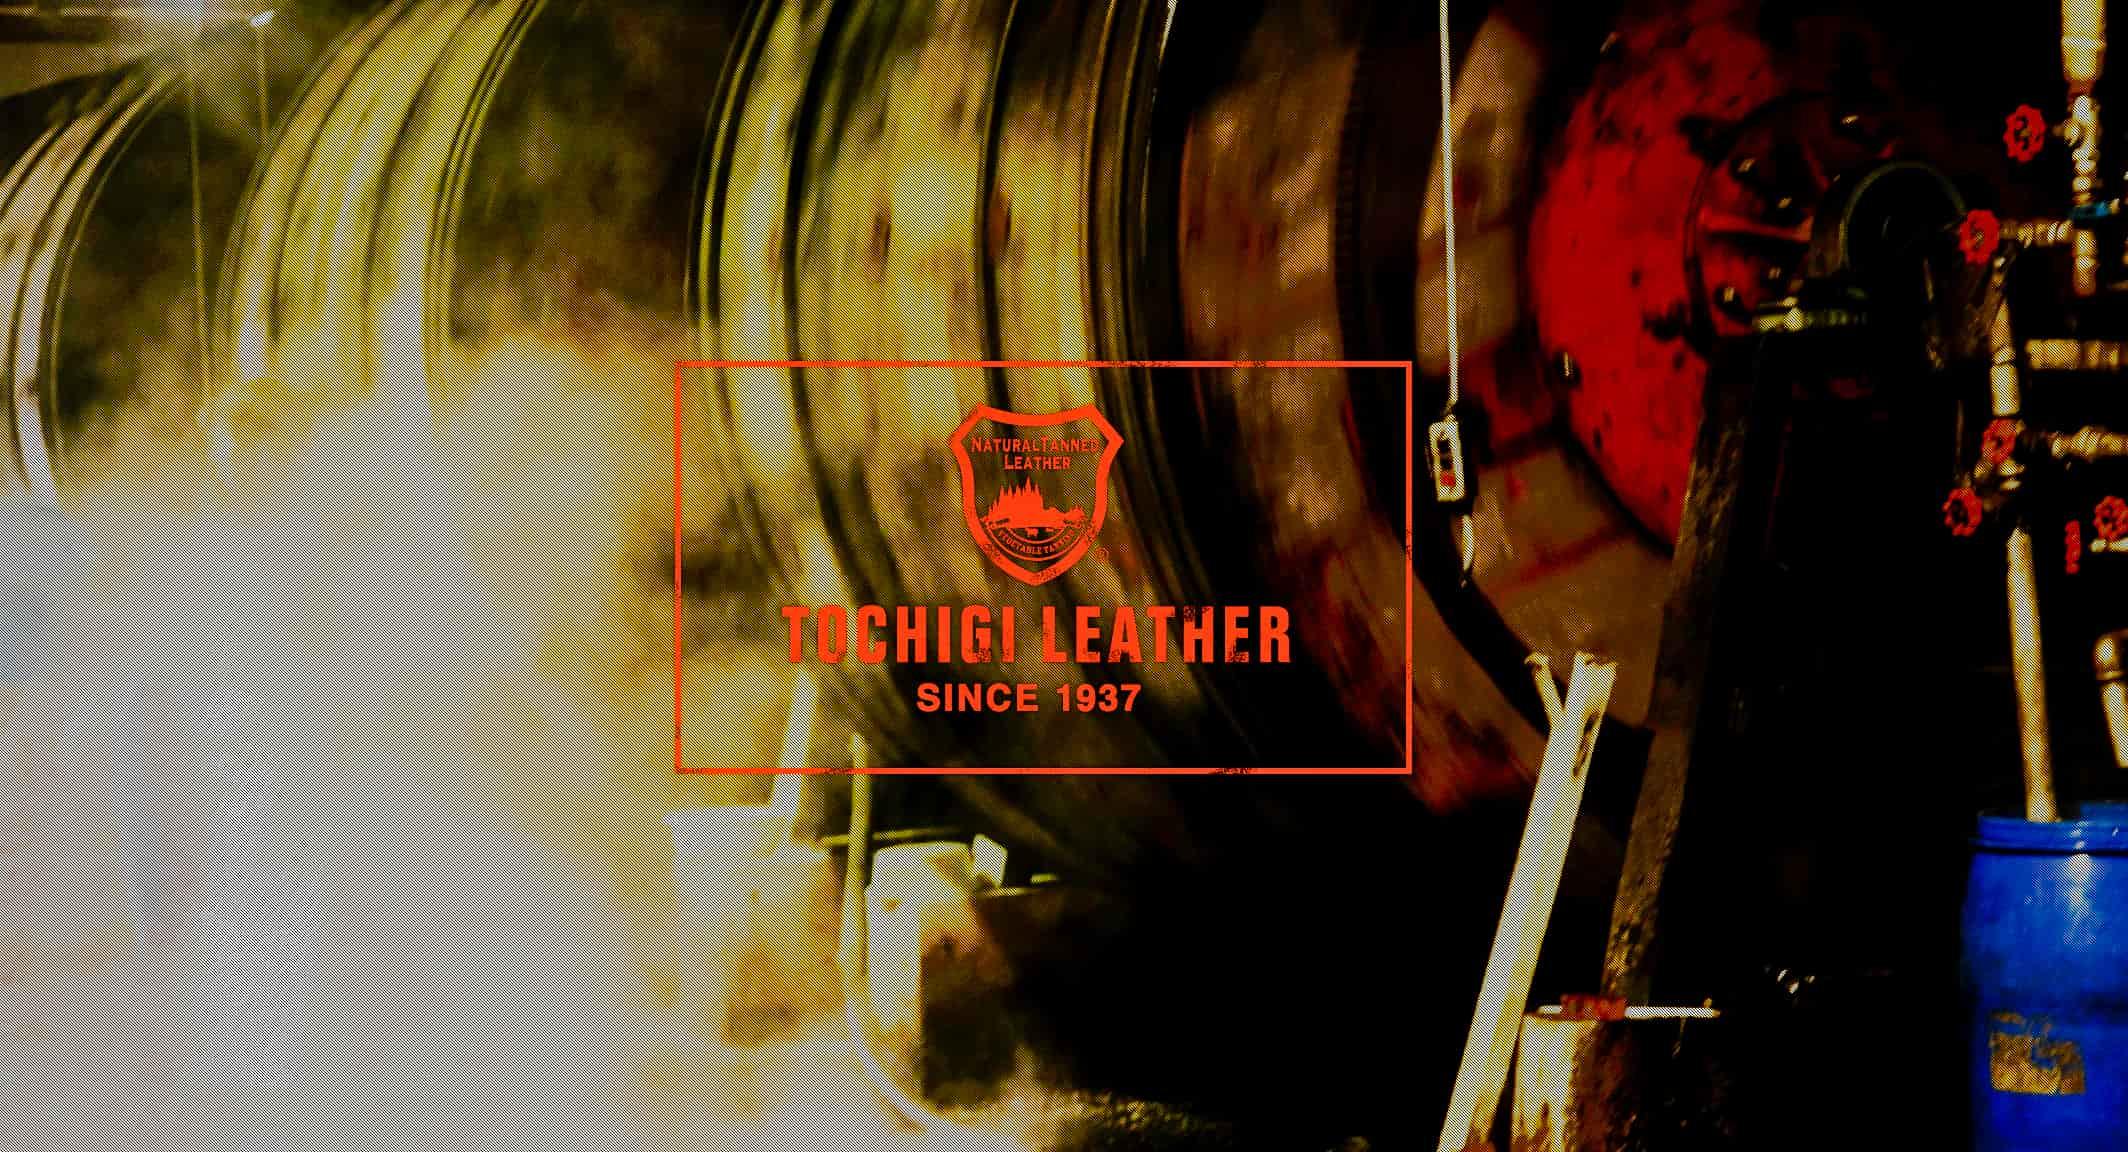 「皮革界の日の丸を背負う栃木レザー株式会社」のアイキャッチ画像